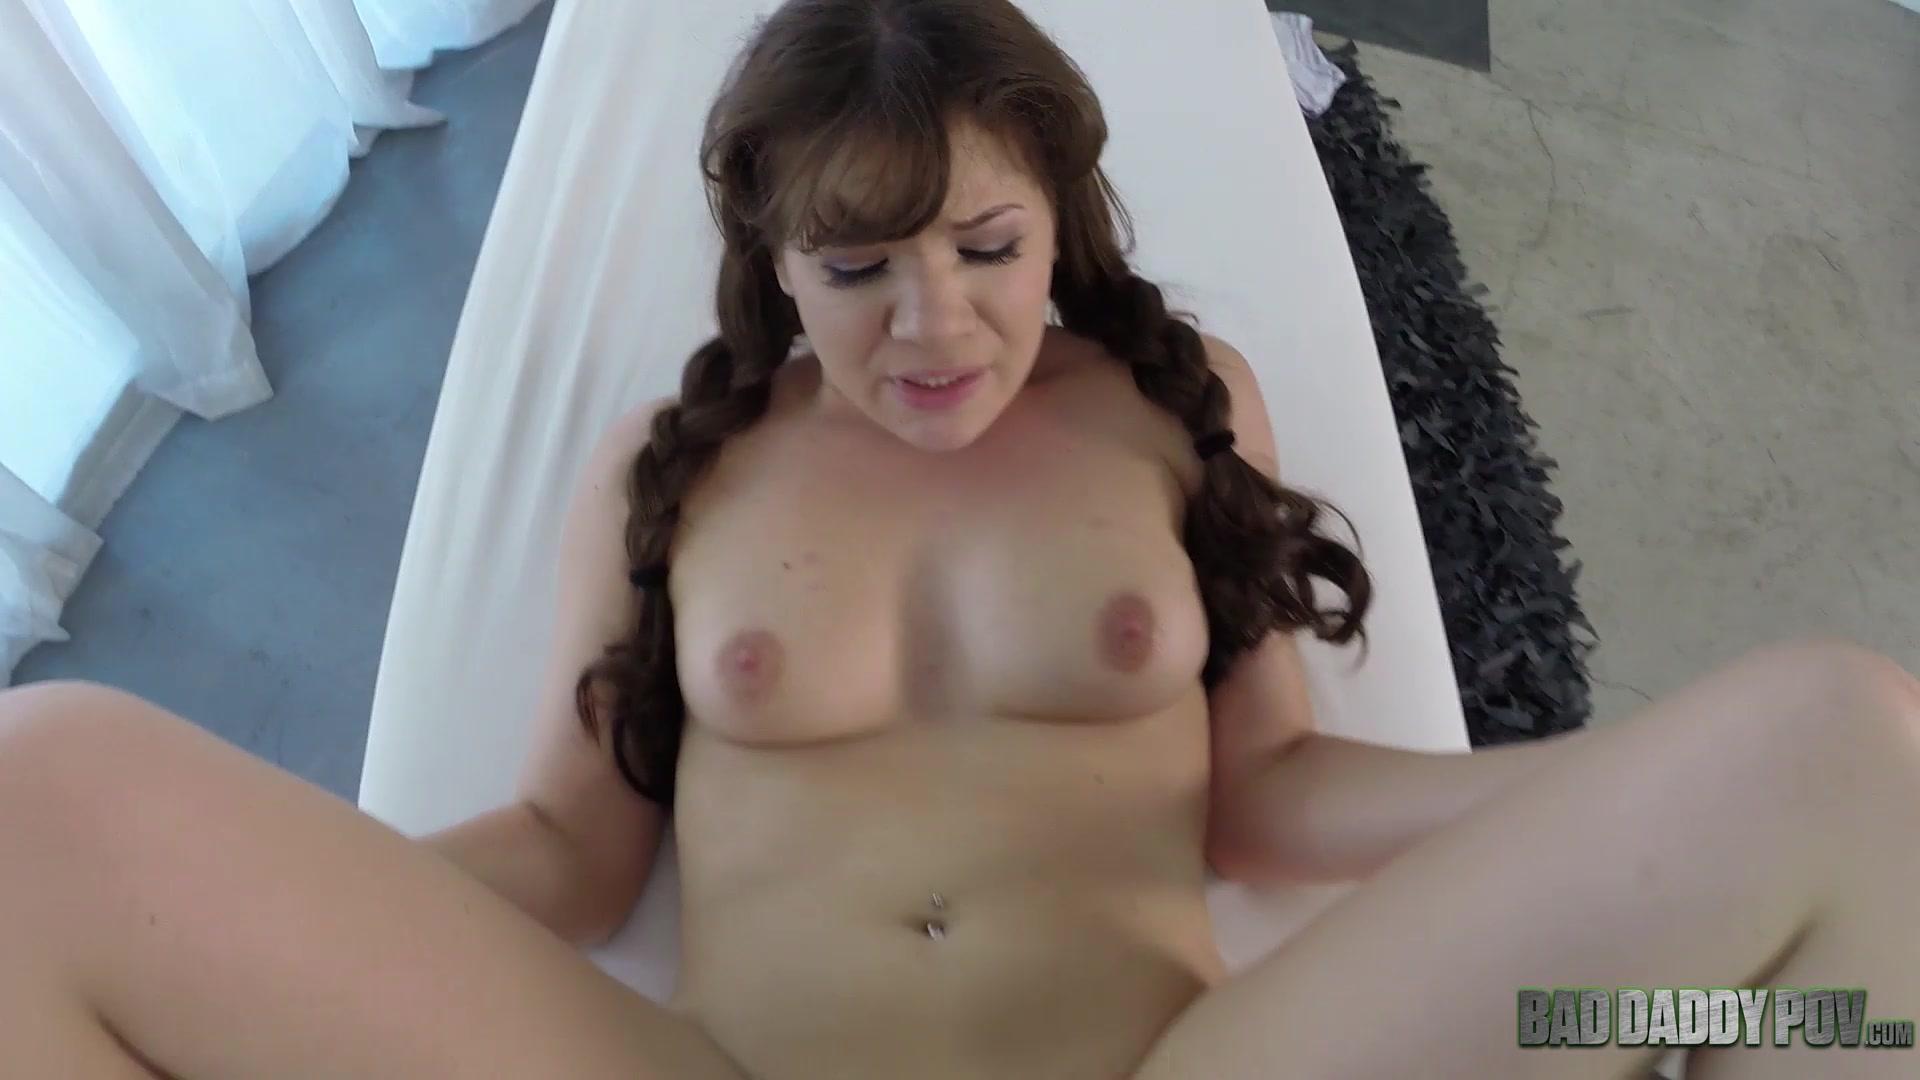 Игривый массаж плавно перетек в отличный трах. Порно видео.